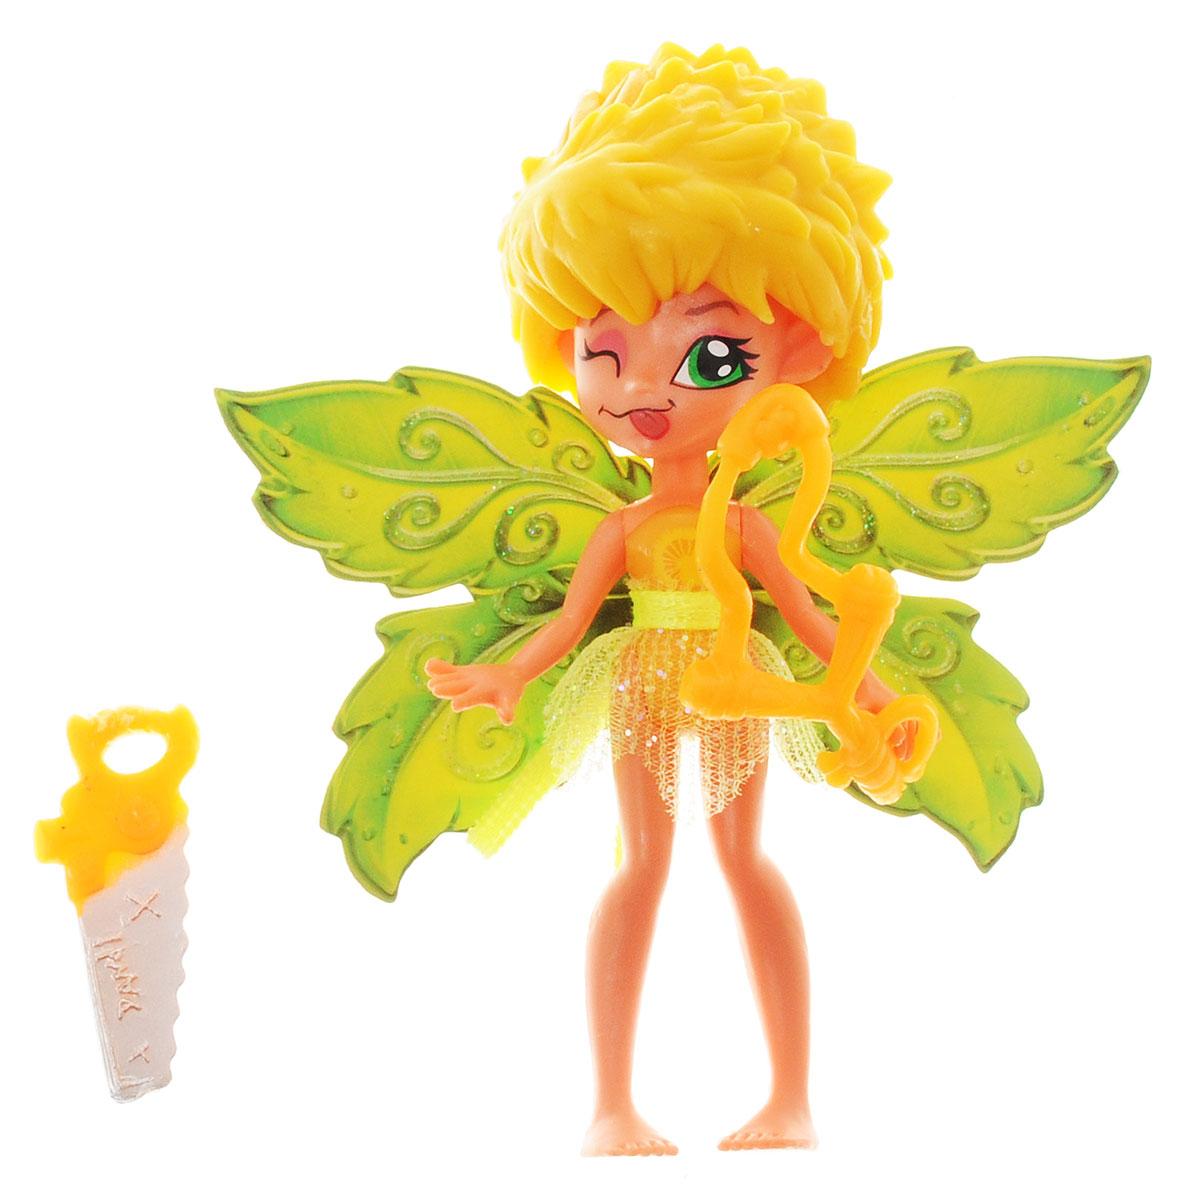 Lanard Фигурка Данди Фея Летнего Сада84201-1Фигурка Lanard Данди. Фея Летнего Сада - это обаятельный сказочный персонаж, который непременно понравится каждой девочке. Милая фея познакомит девочку с волшебным миром, в котором она живет, и посвятит малышку во все тайны жизни своего прекрасного сада. Данди отважная и немного озорная фея, она часто пользуется рогаткой и пилой для деревьев. У феи зеленые крылышки с блестками и прозрачная юбочка. Голова, ручки и ножки двигаются. Очаровательная фея надолго завладеет вниманием ребенка, а входящие в набор аксессуары разнообразят игровой процесс.